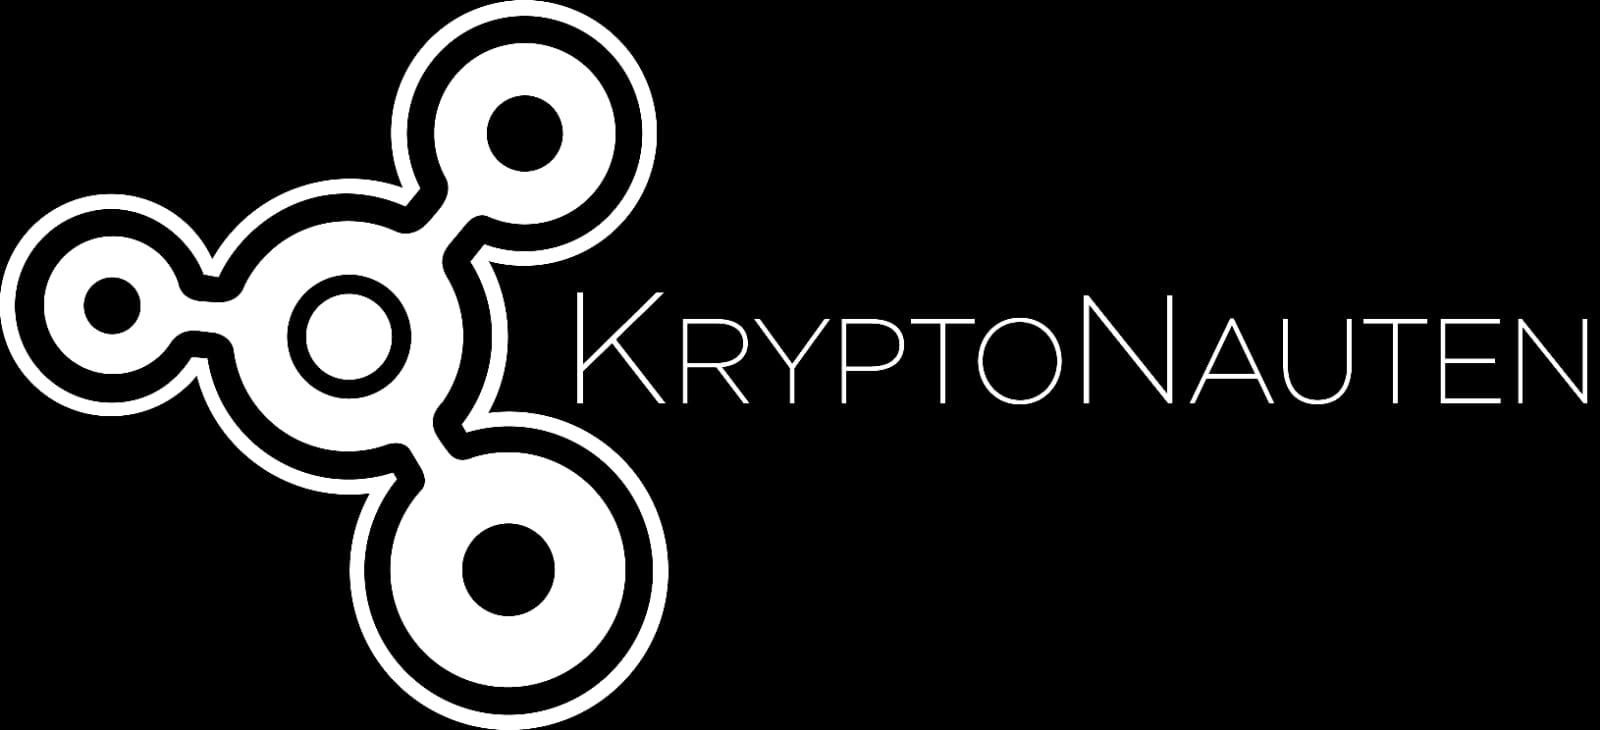 Kryptonauten